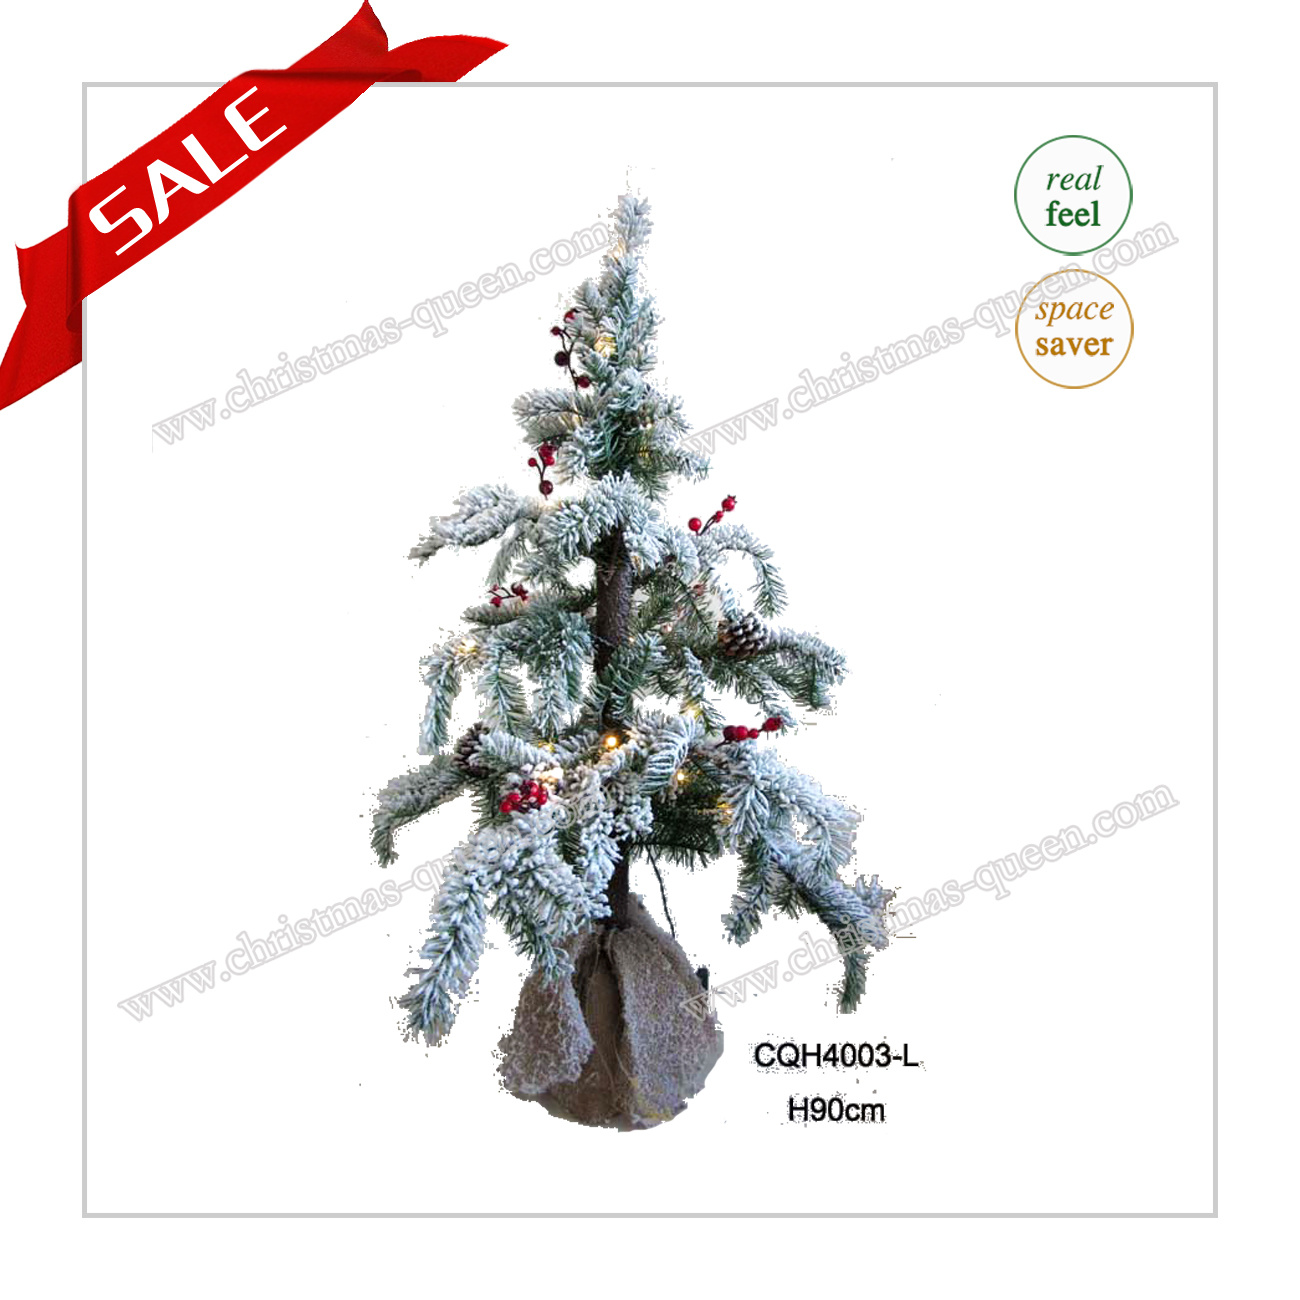 60cm LED Light Tree Christmas Holiday Lights Christmas Decoration